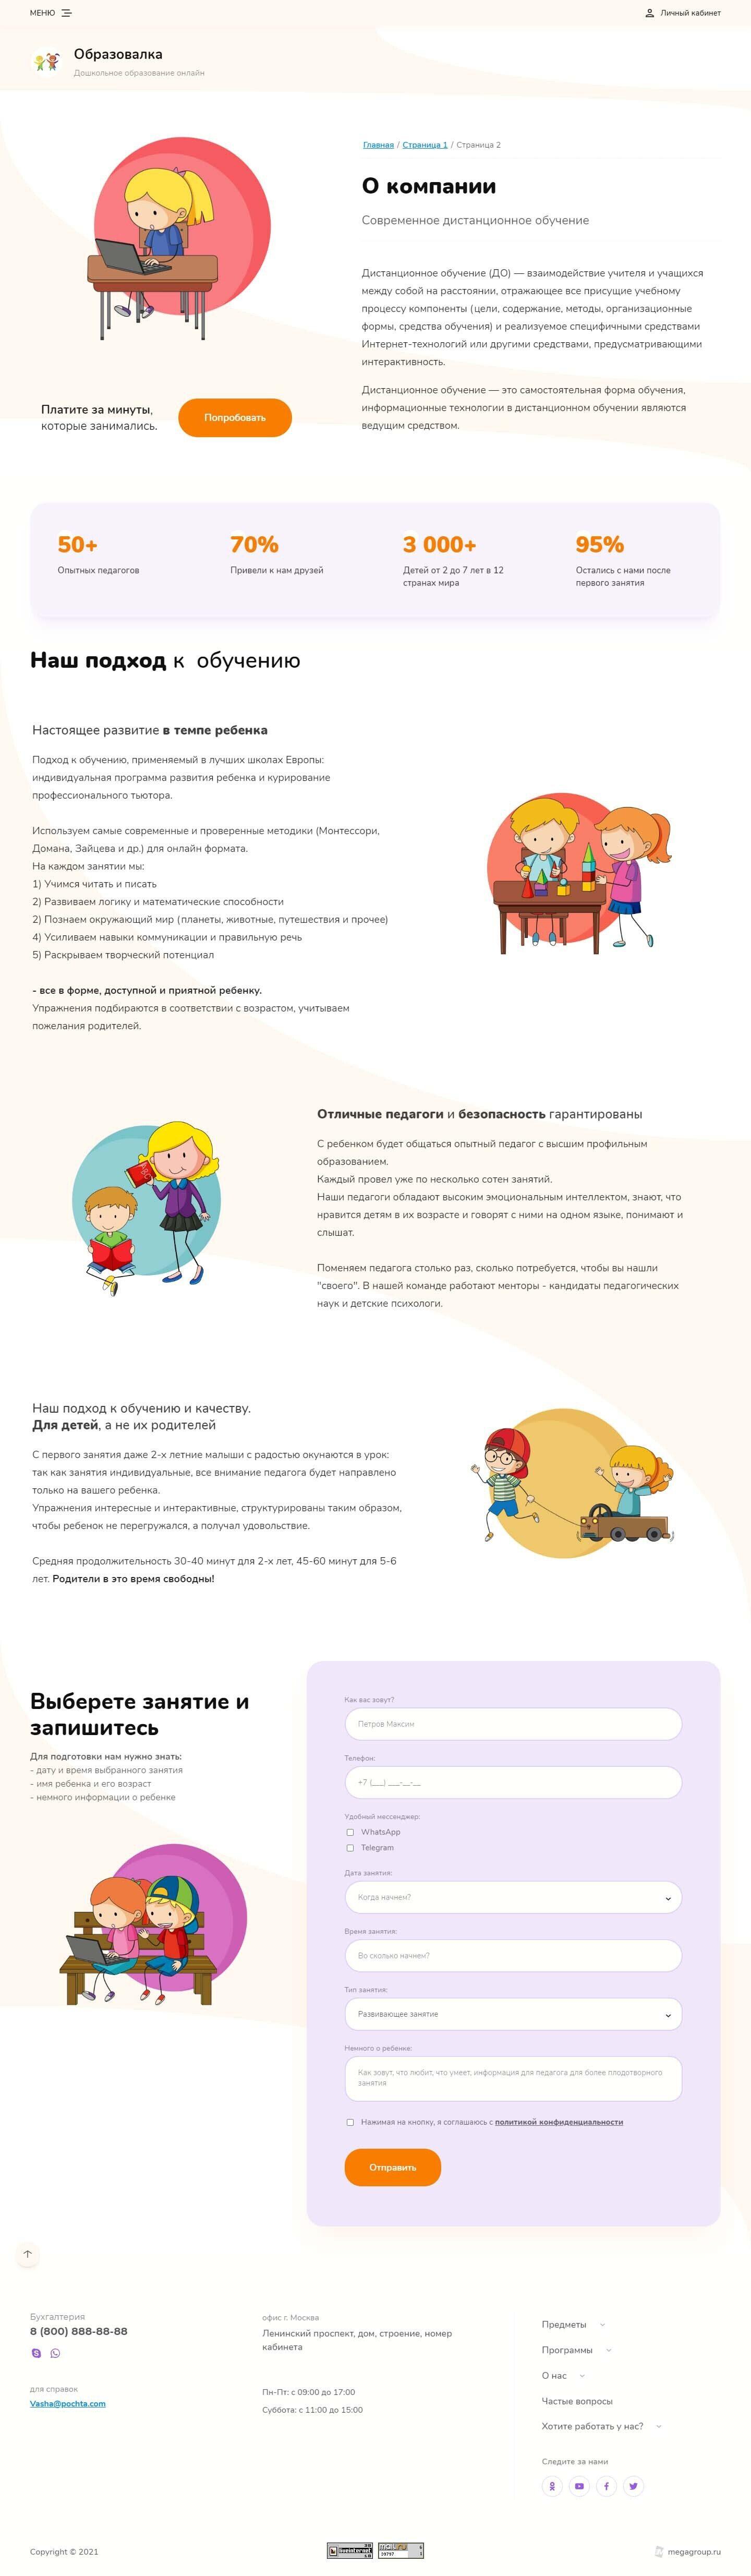 Готовый Сайт-Бизнес № 3011105 - Сайт центра дошкольного образования (О компании)